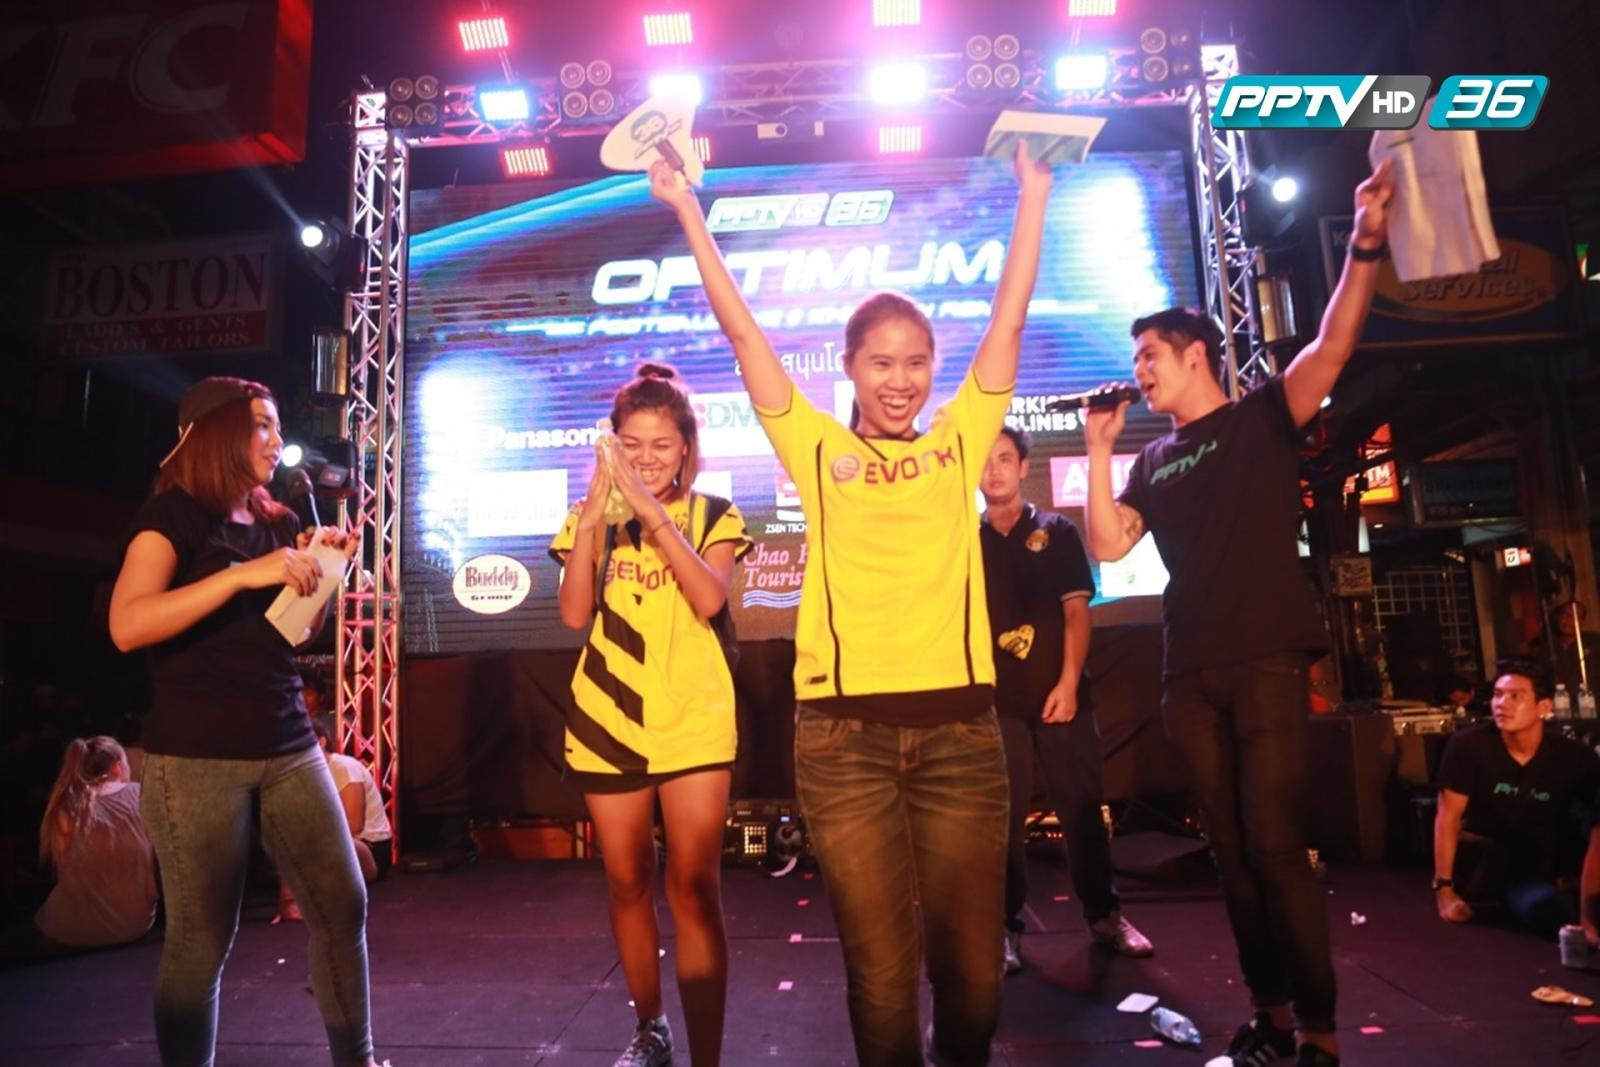 ที่สุดของกิจกรรมดูฟุตบอลบิ๊กแมตช์ บนจอยักษ์ 2 คู่ จาก 2 ลีกดังระดับโลก พร้อมปาร์ตี้สุดมันส์ใน 'PPTV Optimum Football Live @Khaosan Road'